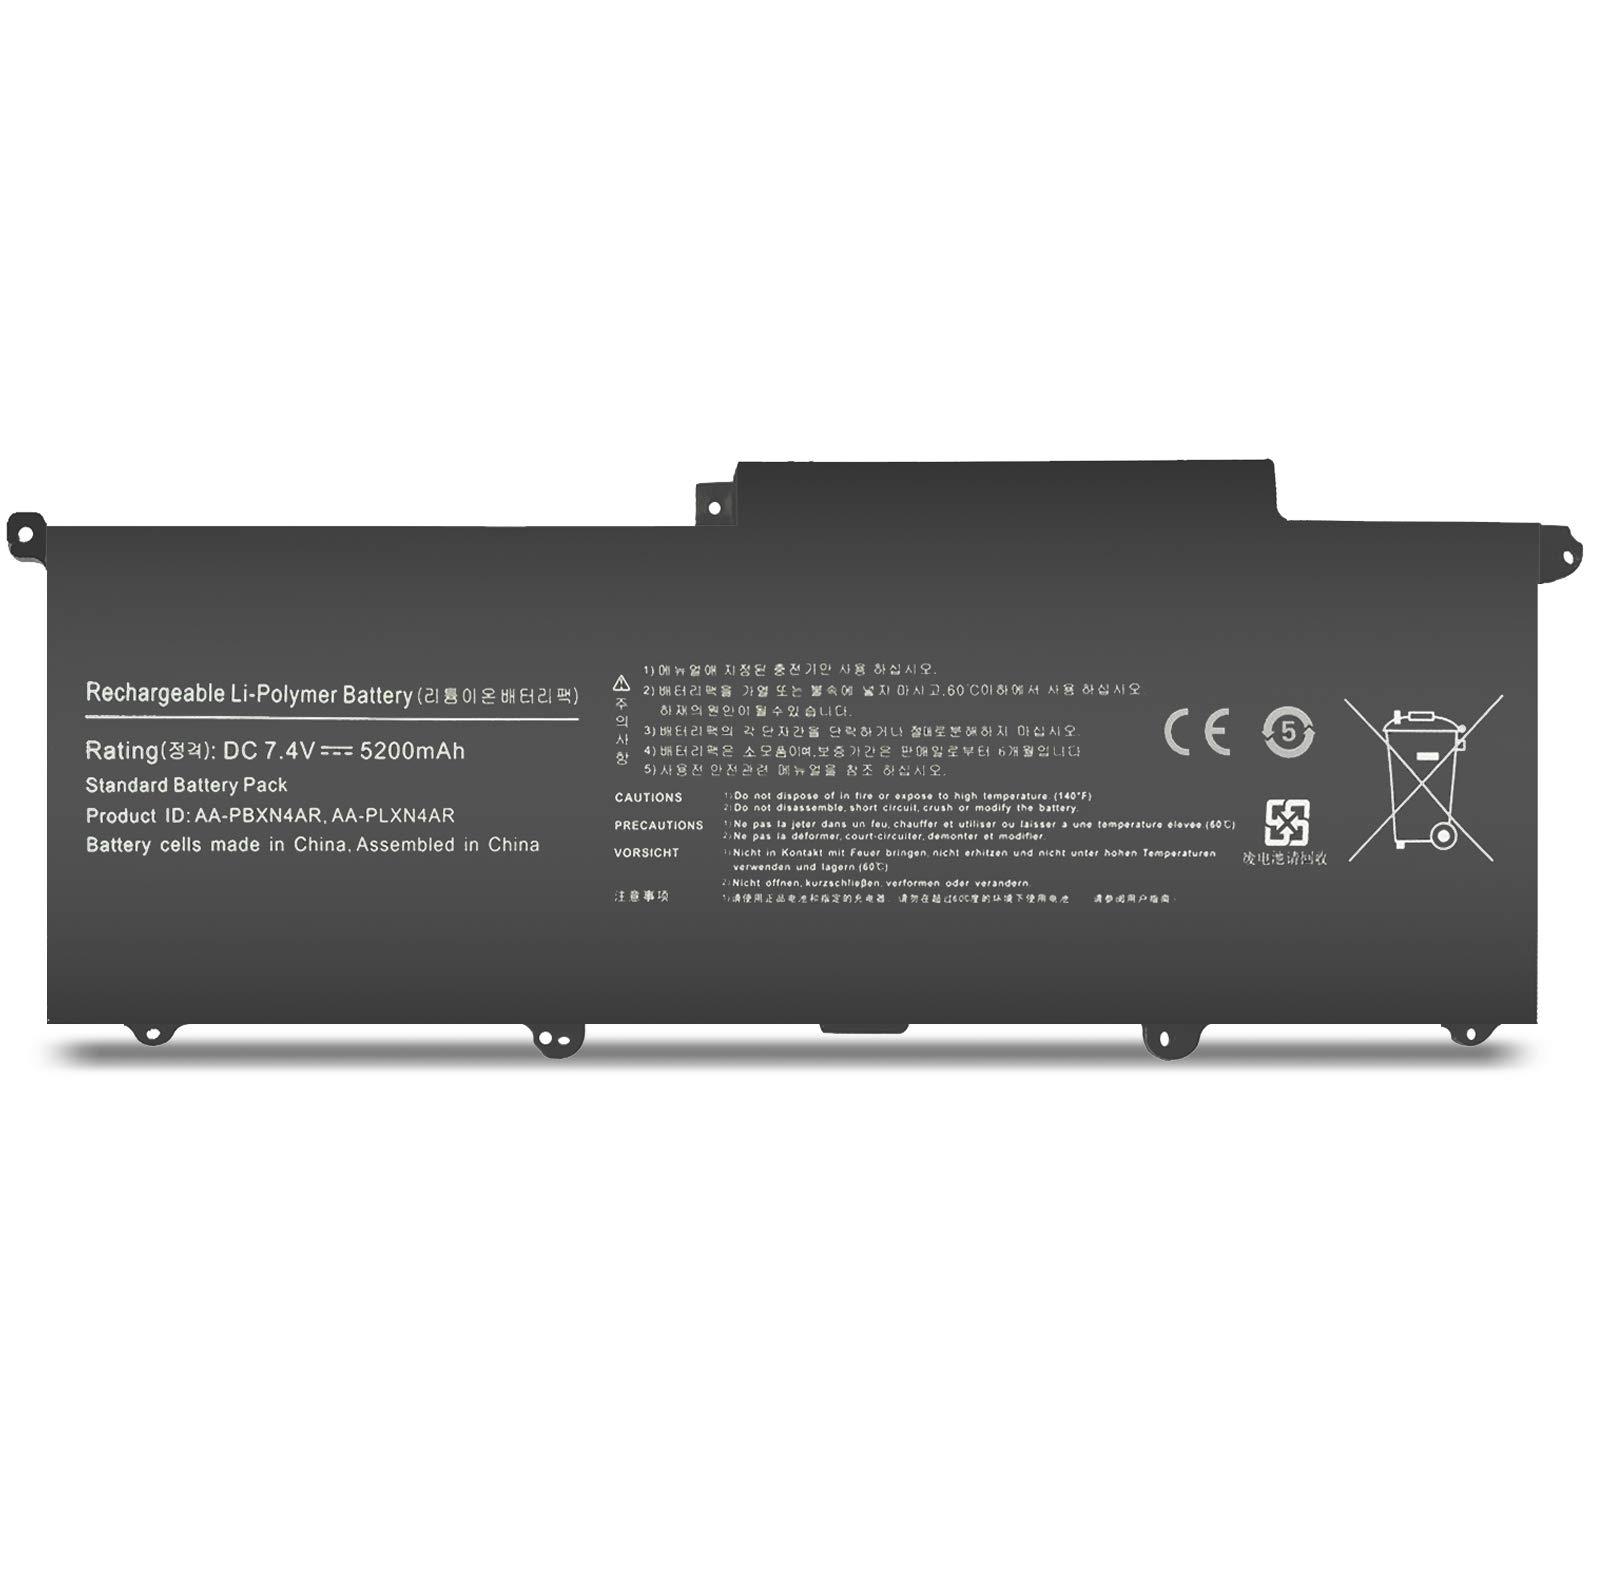 Bateria Aa-plxn4ar Aa-pbxn4ar Para Samsung 900x3c 900x3c-a01 900x3c-a01au 900x3c-a01se 900x3c-a02de Series 7.4v 5200mah